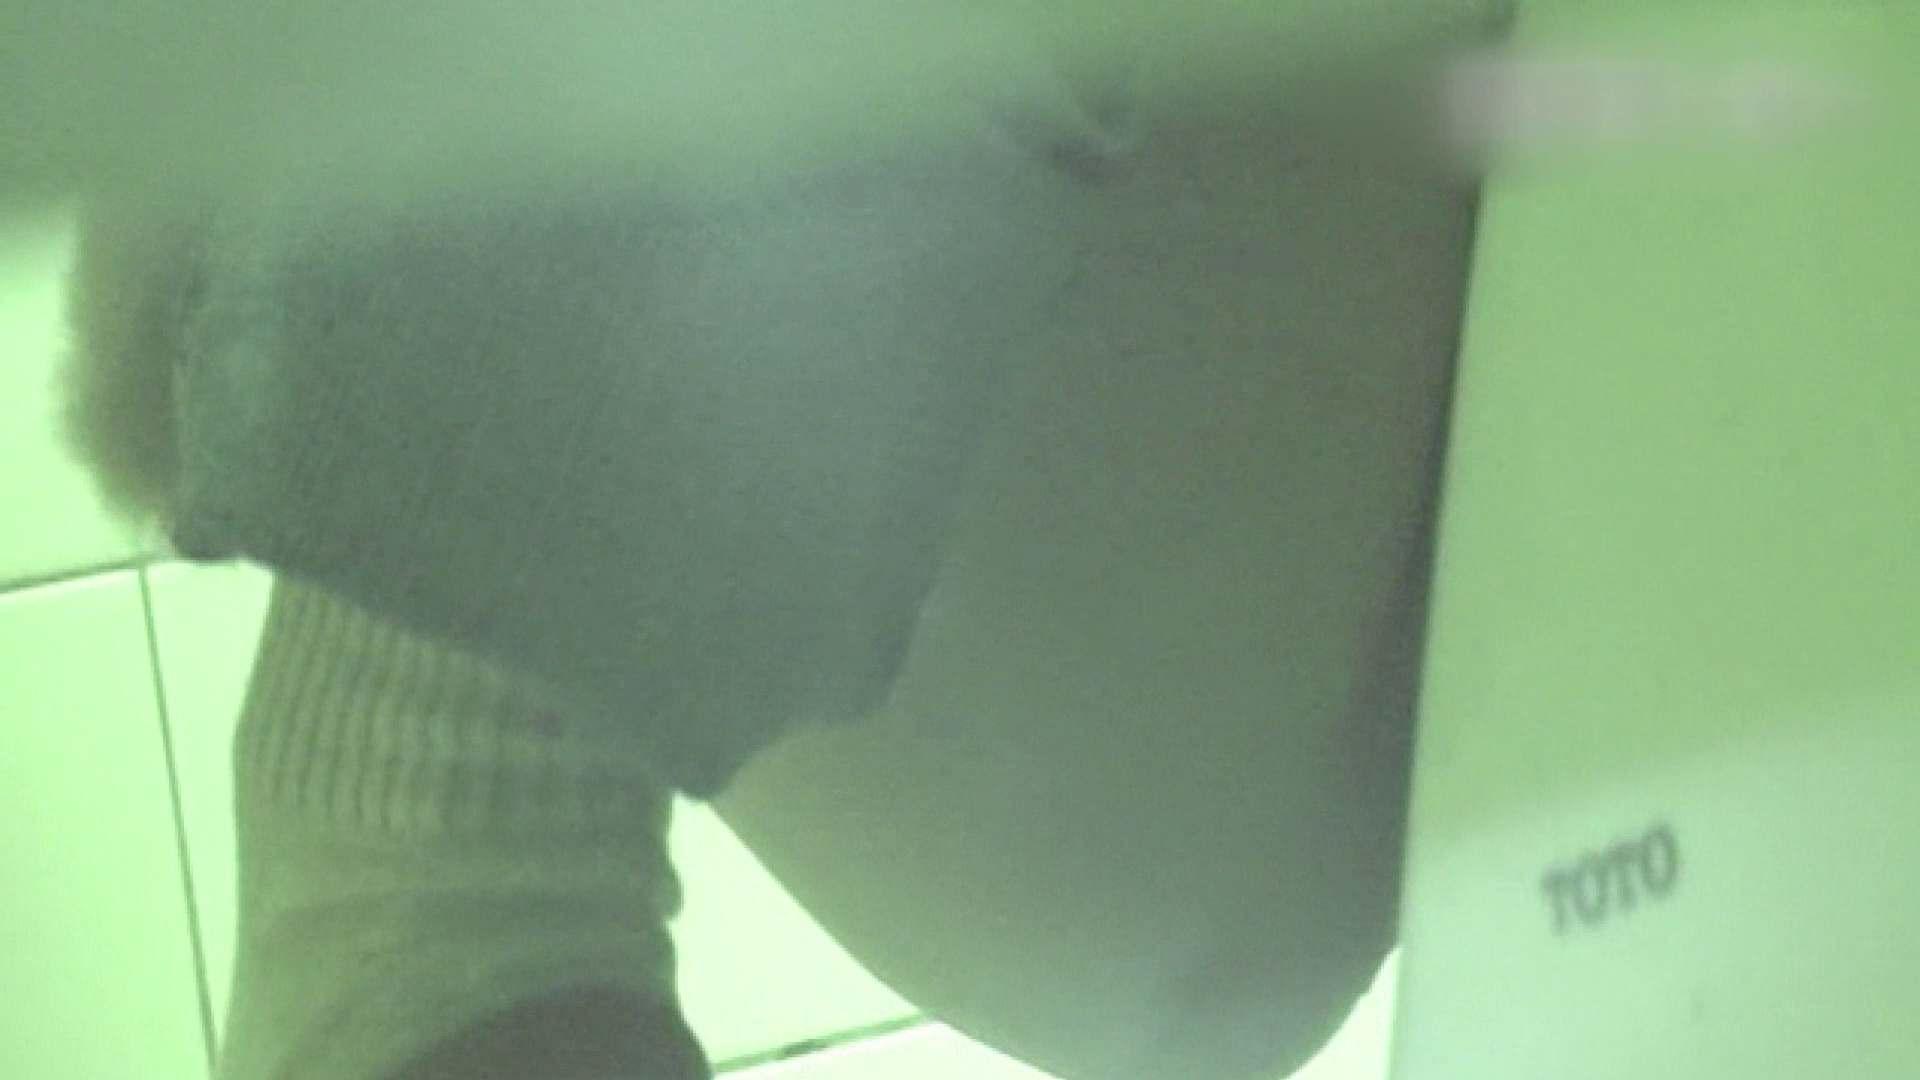 ロックハンドさんの盗撮記録File.11 マンコ・ムレムレ ぱこり動画紹介 102pic 44